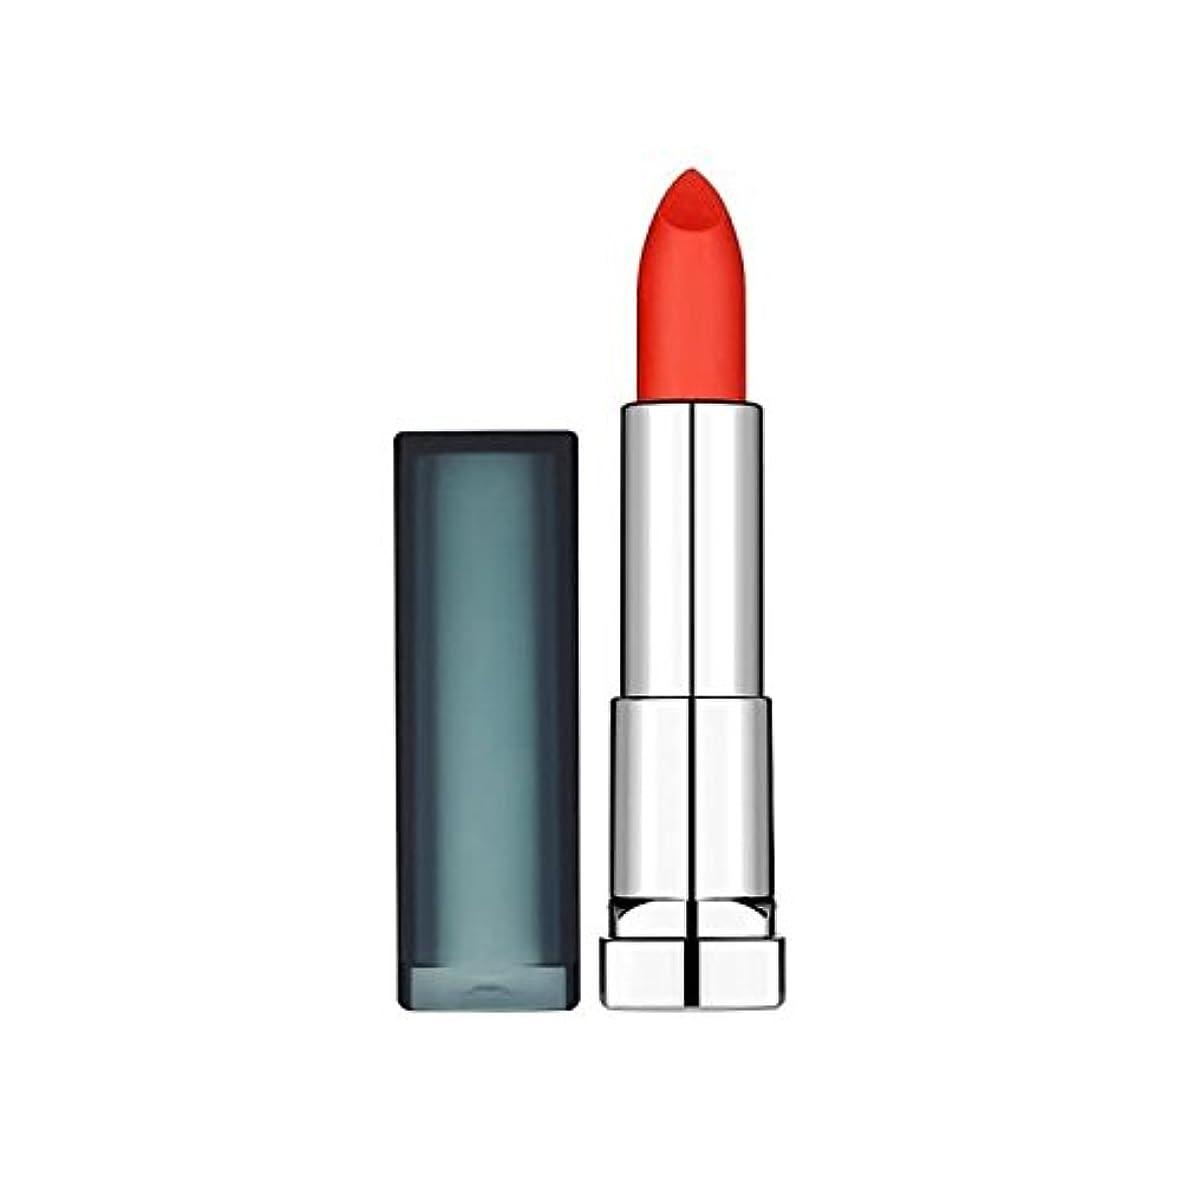 デコードするレガシーバックアップMaybelline Color Sensational Lipstick 955 Craving Coral - メイベリンカラーセンセーショナルな口紅955渇望サンゴ [並行輸入品]